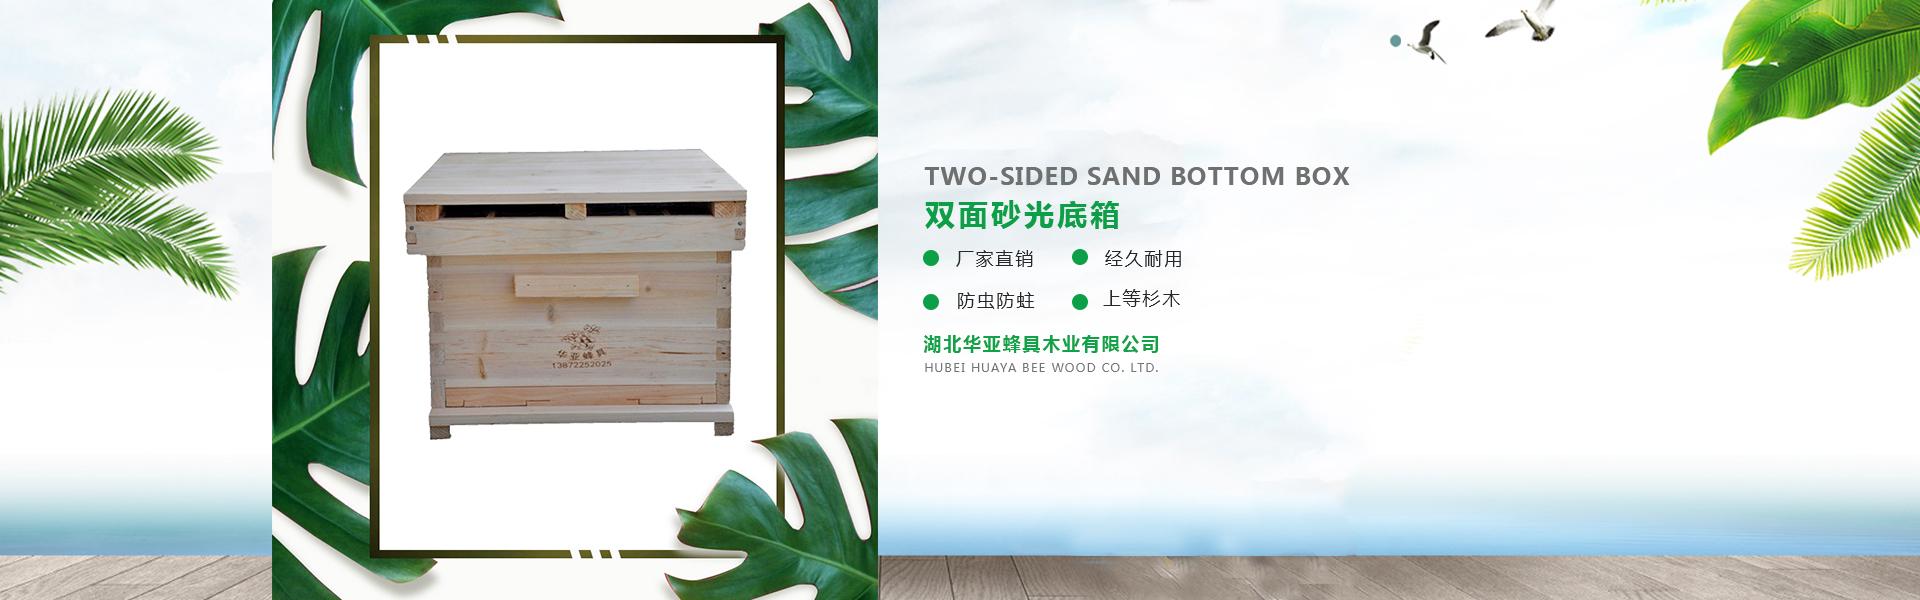 湖北蜂箱蜂具